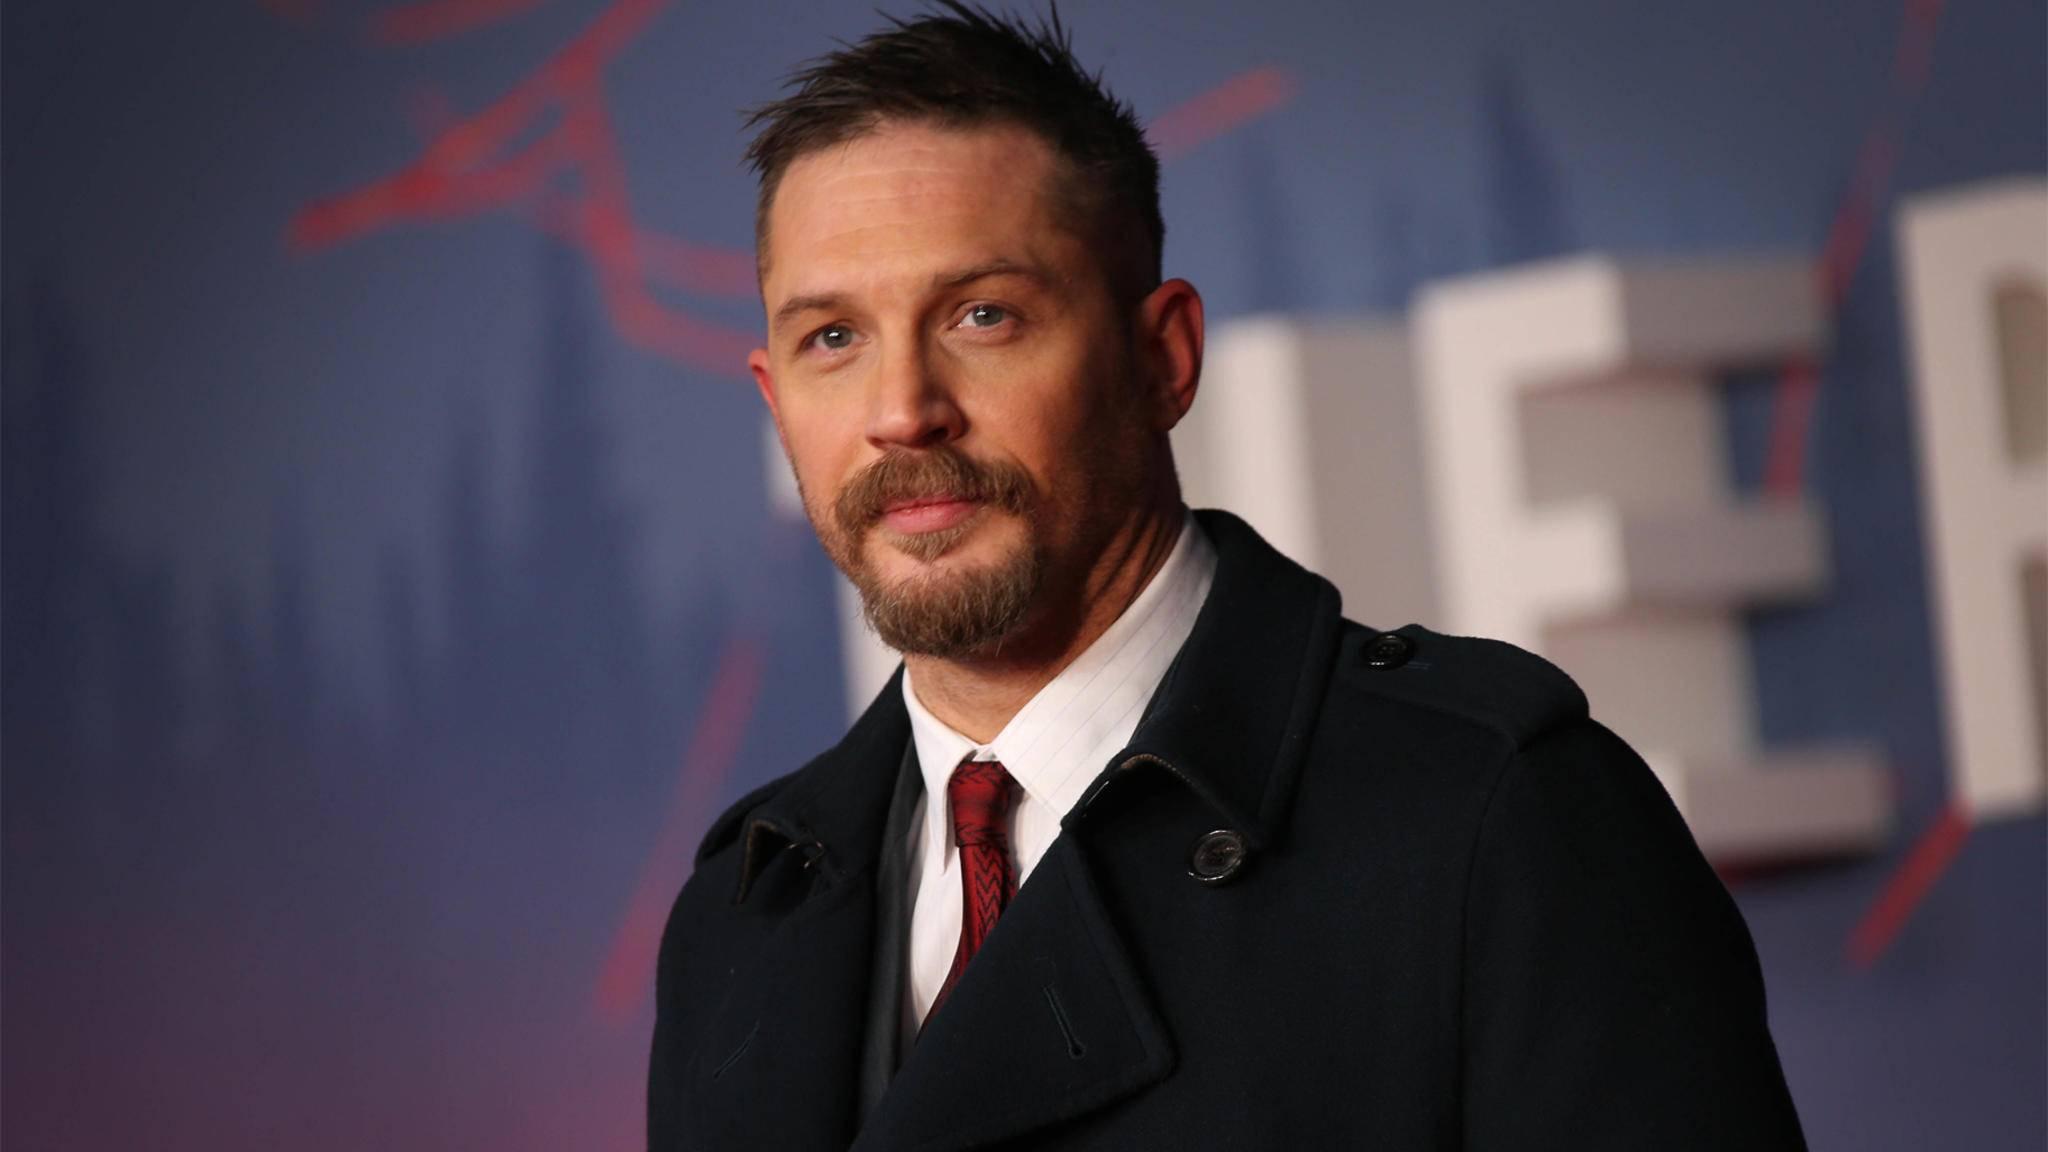 """Auch Tom Hardy fuhr für seine Performance in """"The Revenant"""" eine Oscarnominierung ein – als bester Nebendarsteller."""